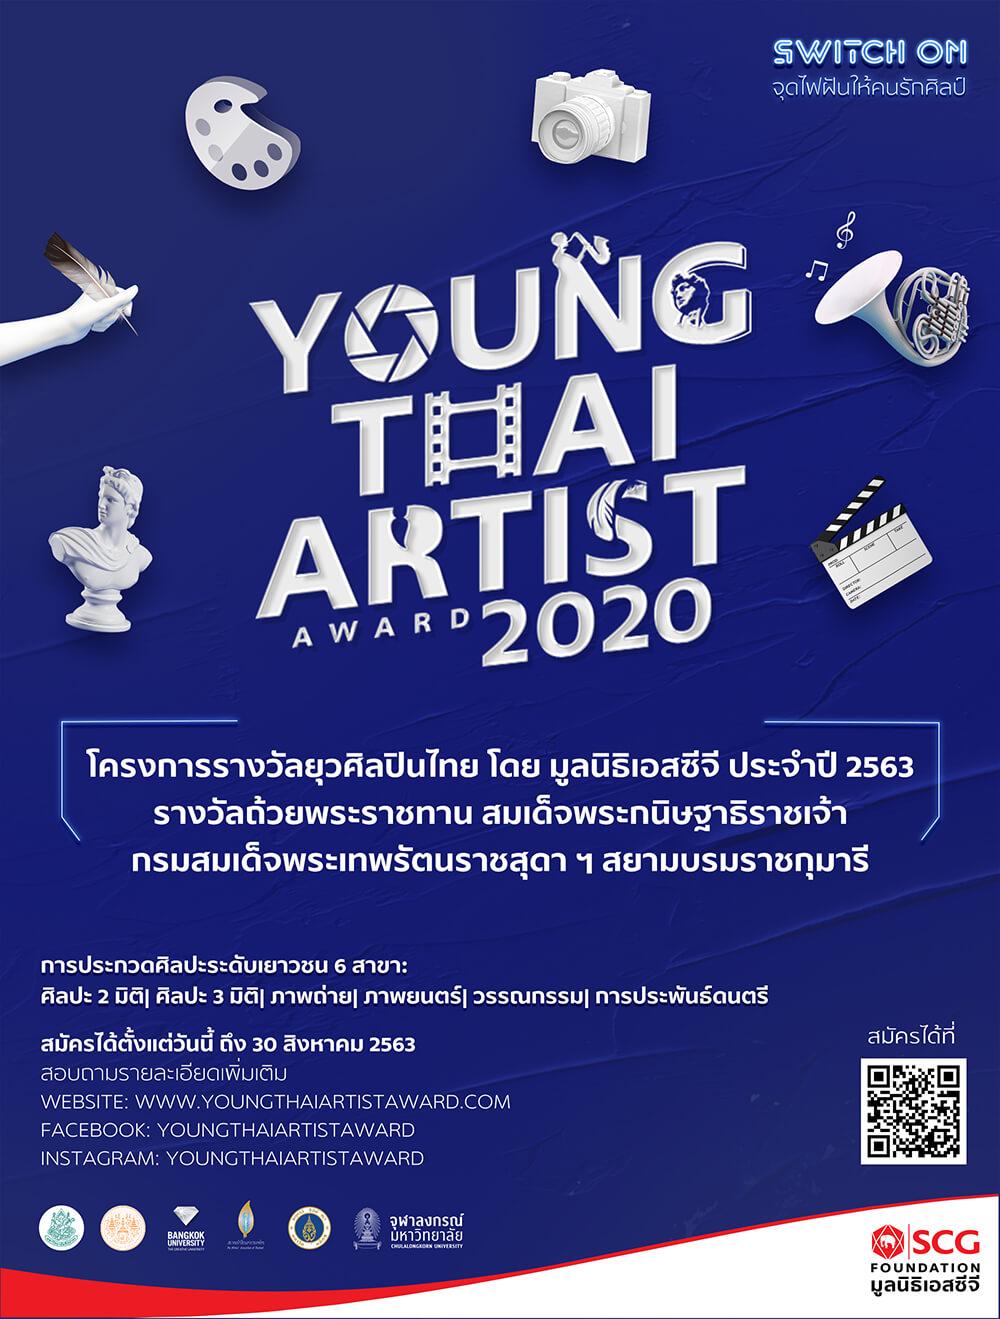 จุดไฟคนรักงานศิลป์ สานฝันแจ้งเกิดเป็นยุวศิลปินเลือดใหม่ กับโครงการ Young Thai Artist Award 2020  โดย มูลนิธิเอสซีจี ชิงถ้วยพระราชทานสมเด็จพระกนิษฐาธิราชเจ้า  กรมสมเด็จพระเทพรัตนราชสุดา ฯ สยามบรมราชกุมารี